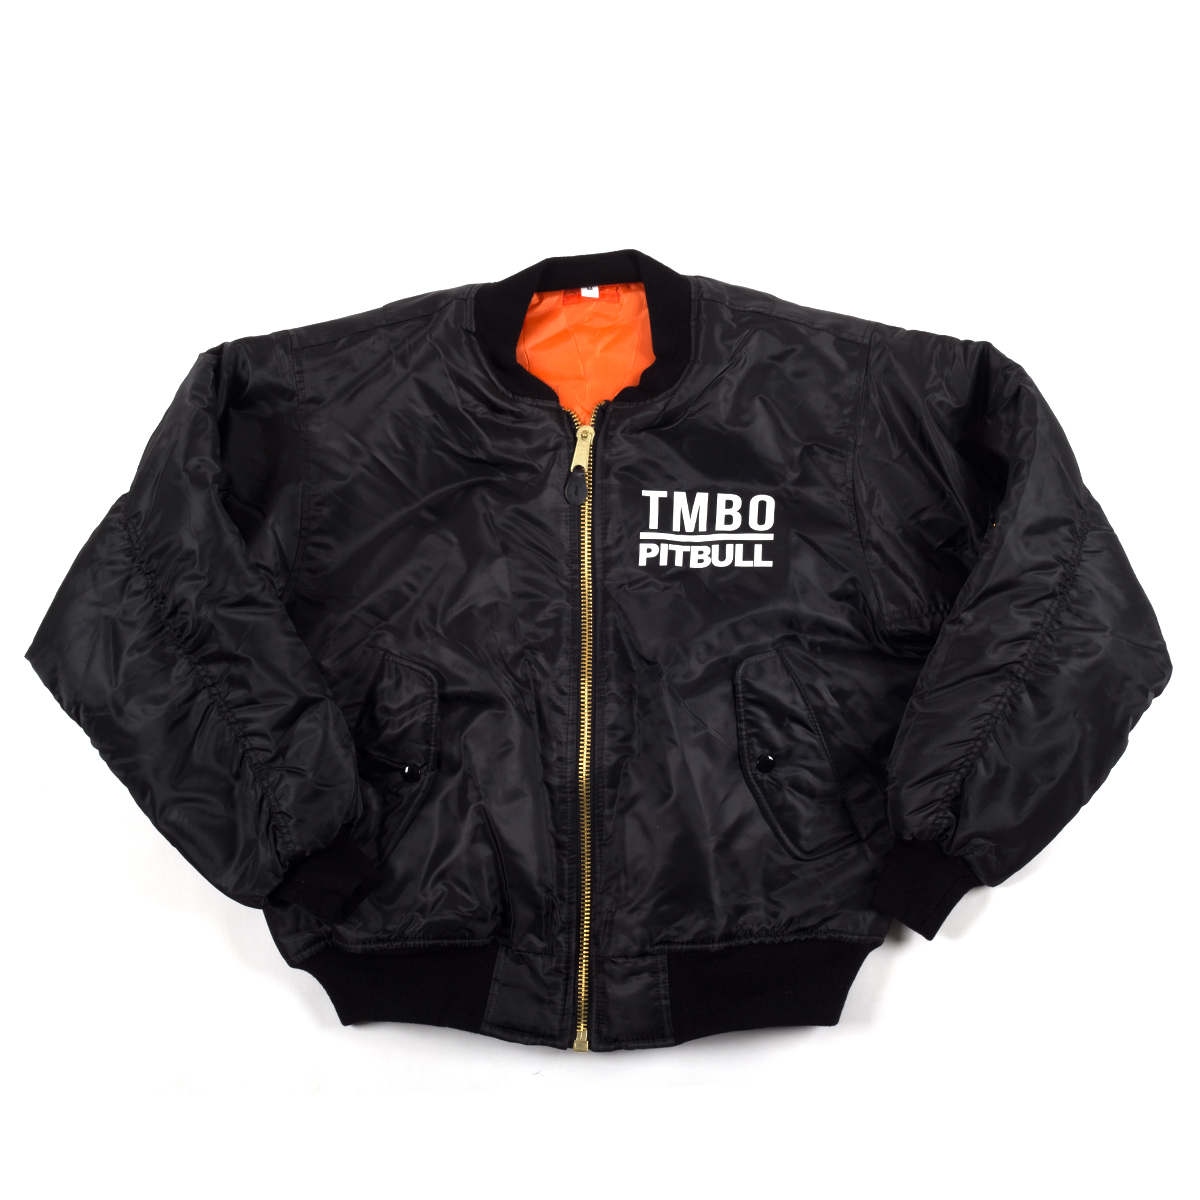 TMBO Bomber Jacket